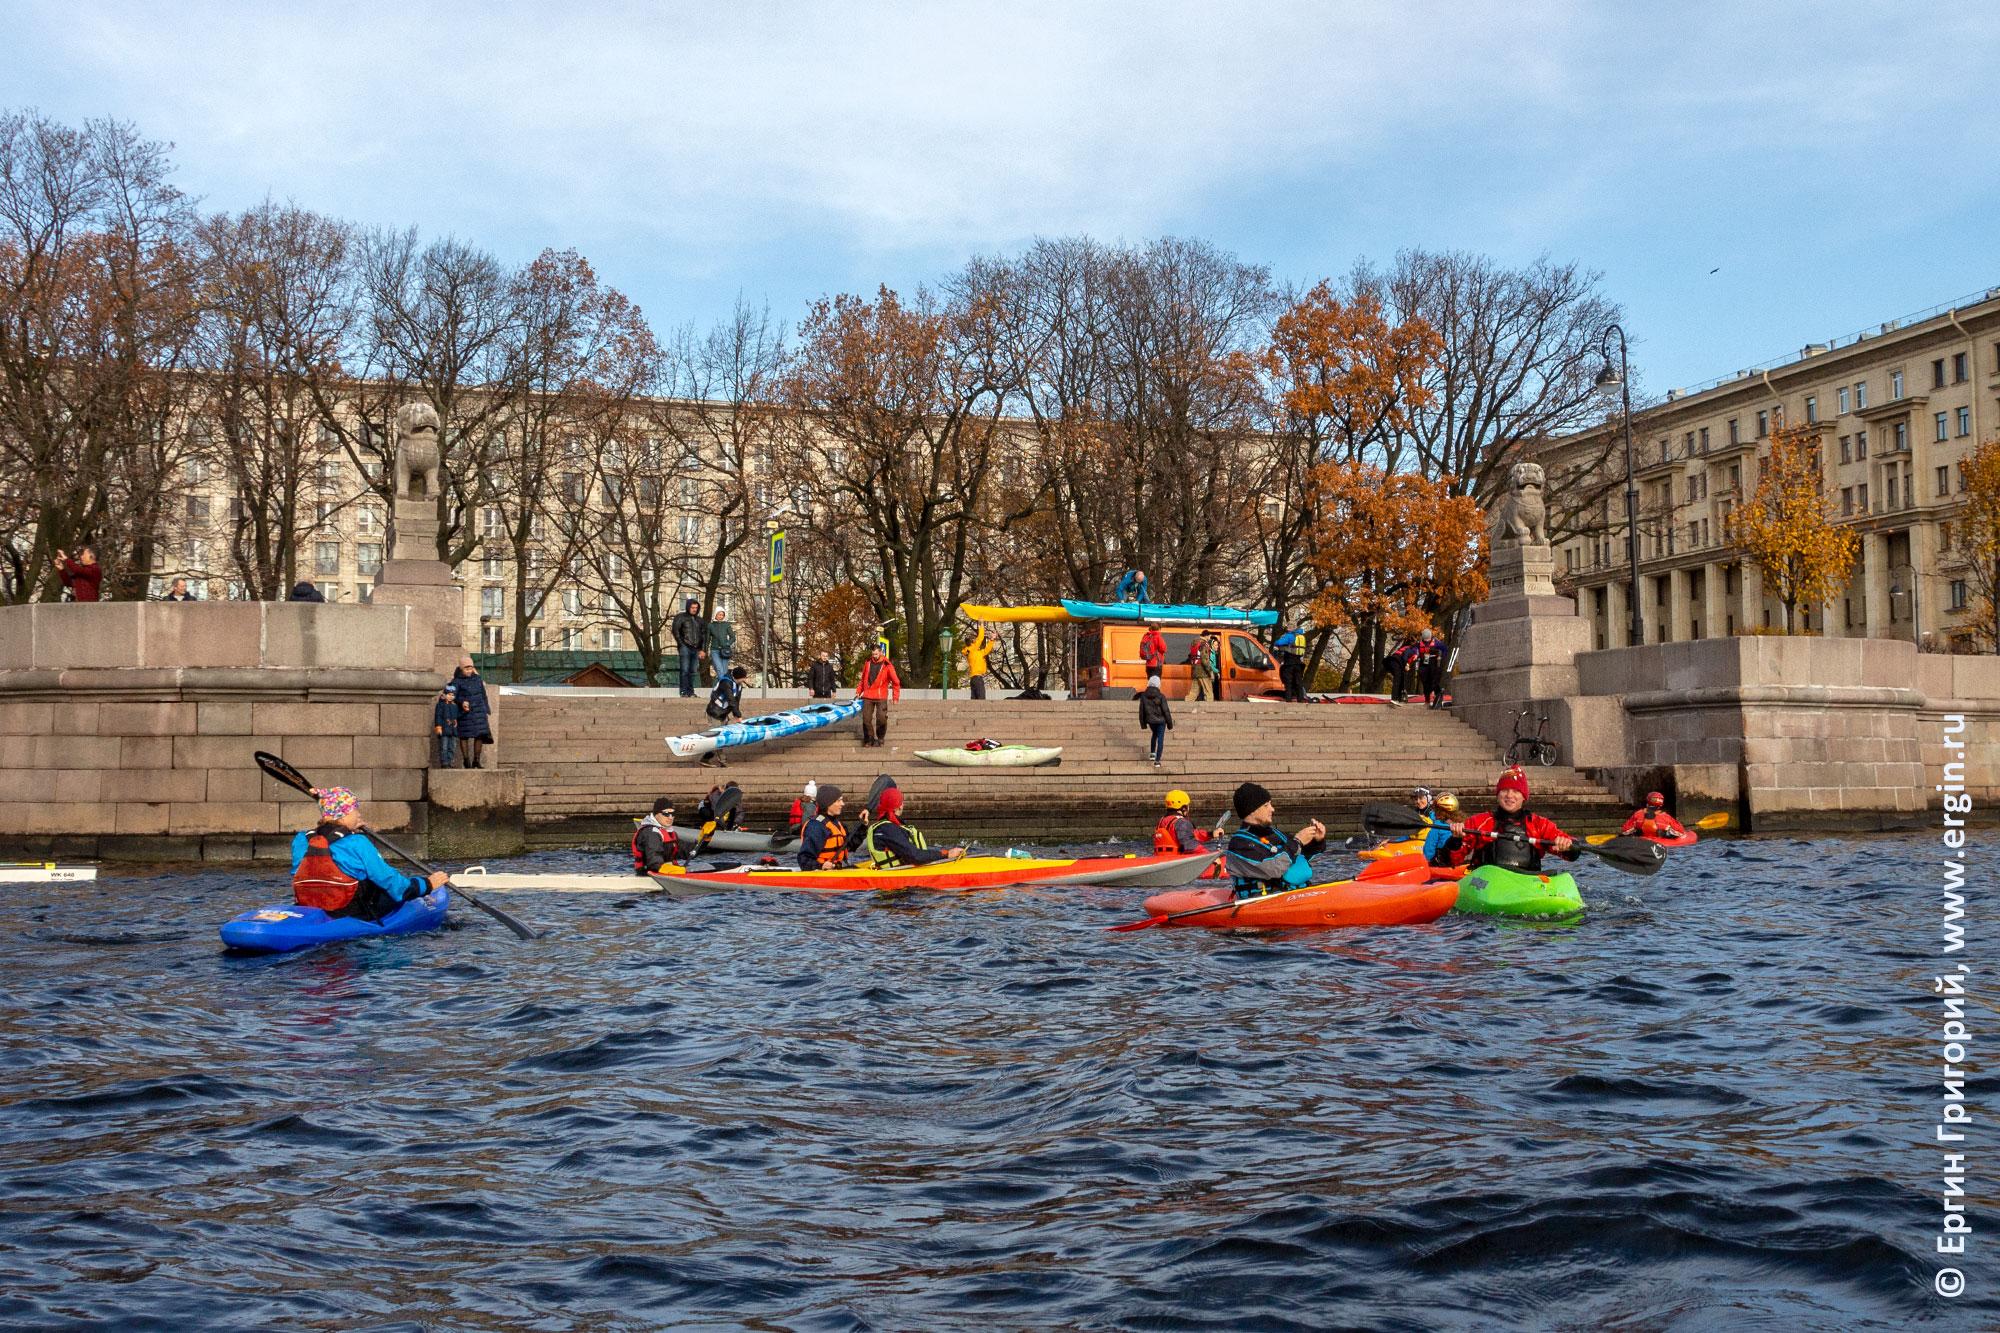 Каяки на Петровской набережной в Санкт-Петербурге